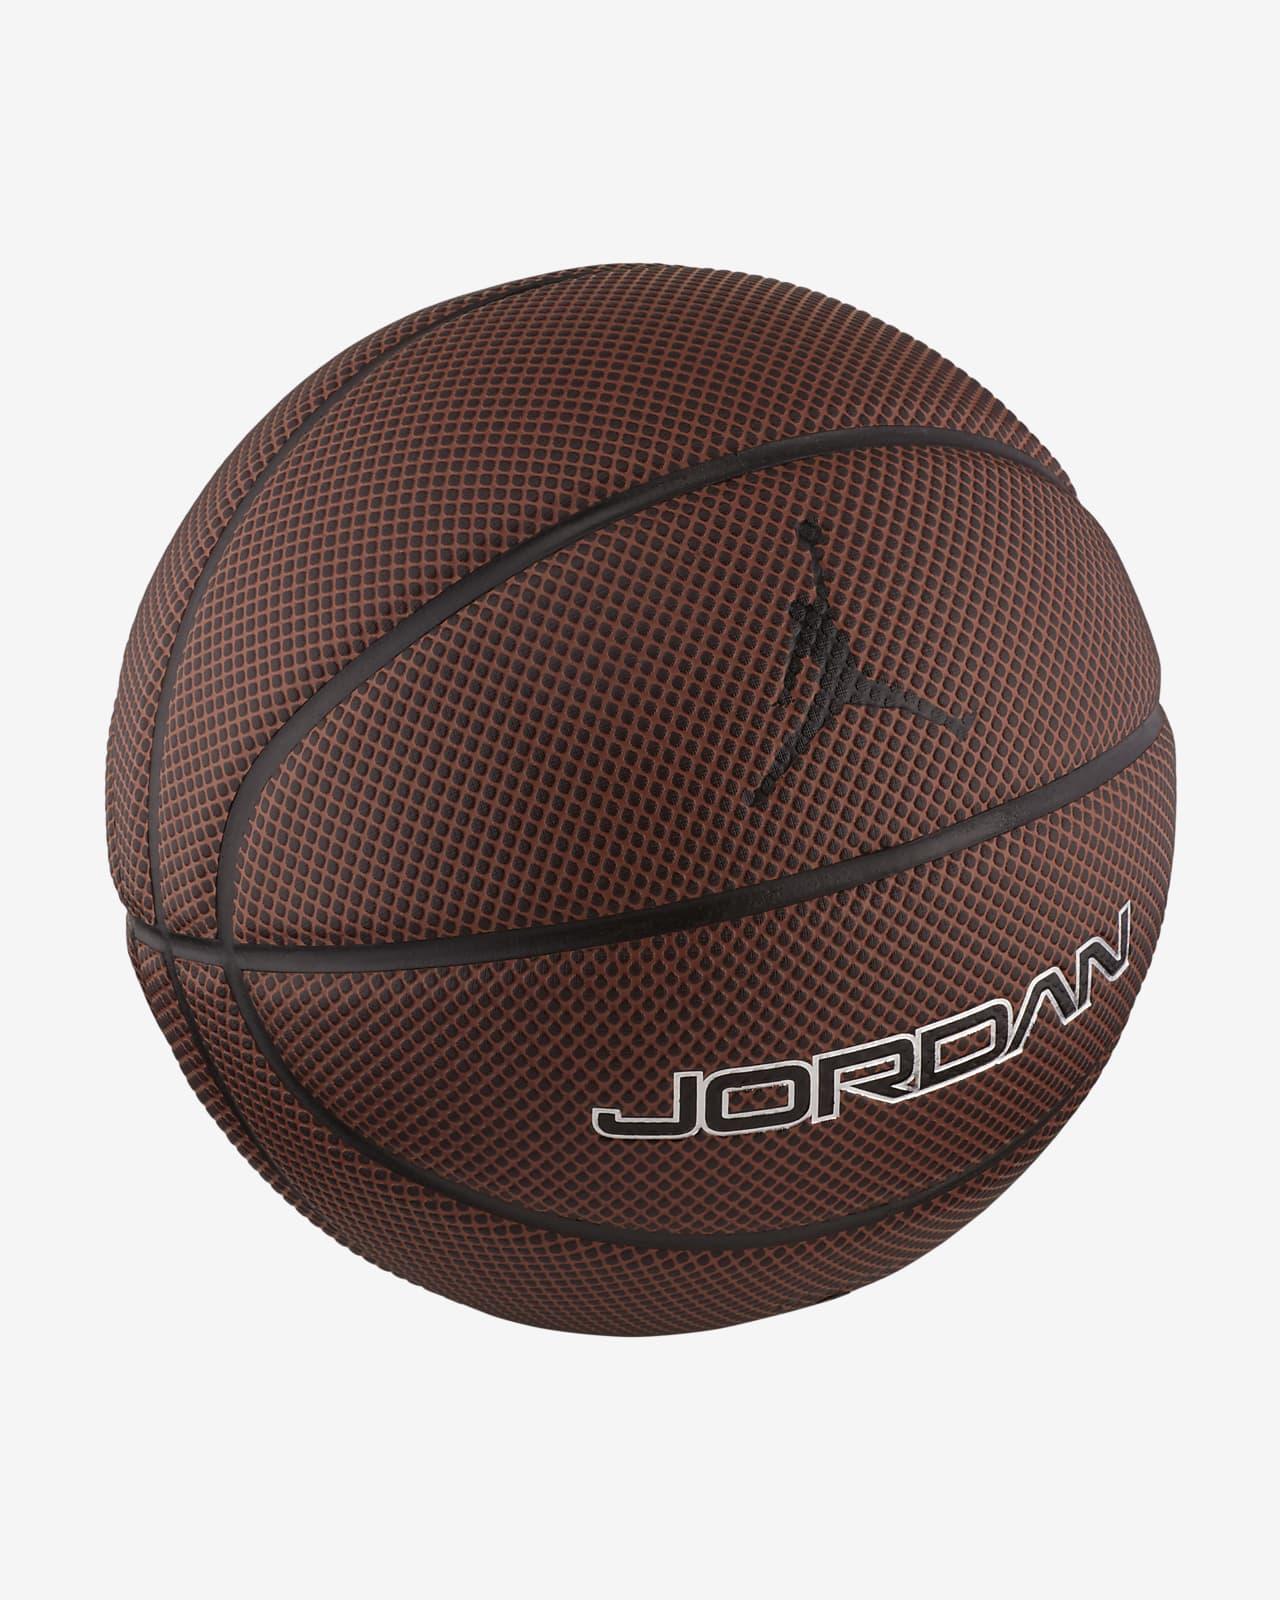 Balón de básquetbol Jordan Legacy 8P (Tamaño 7)